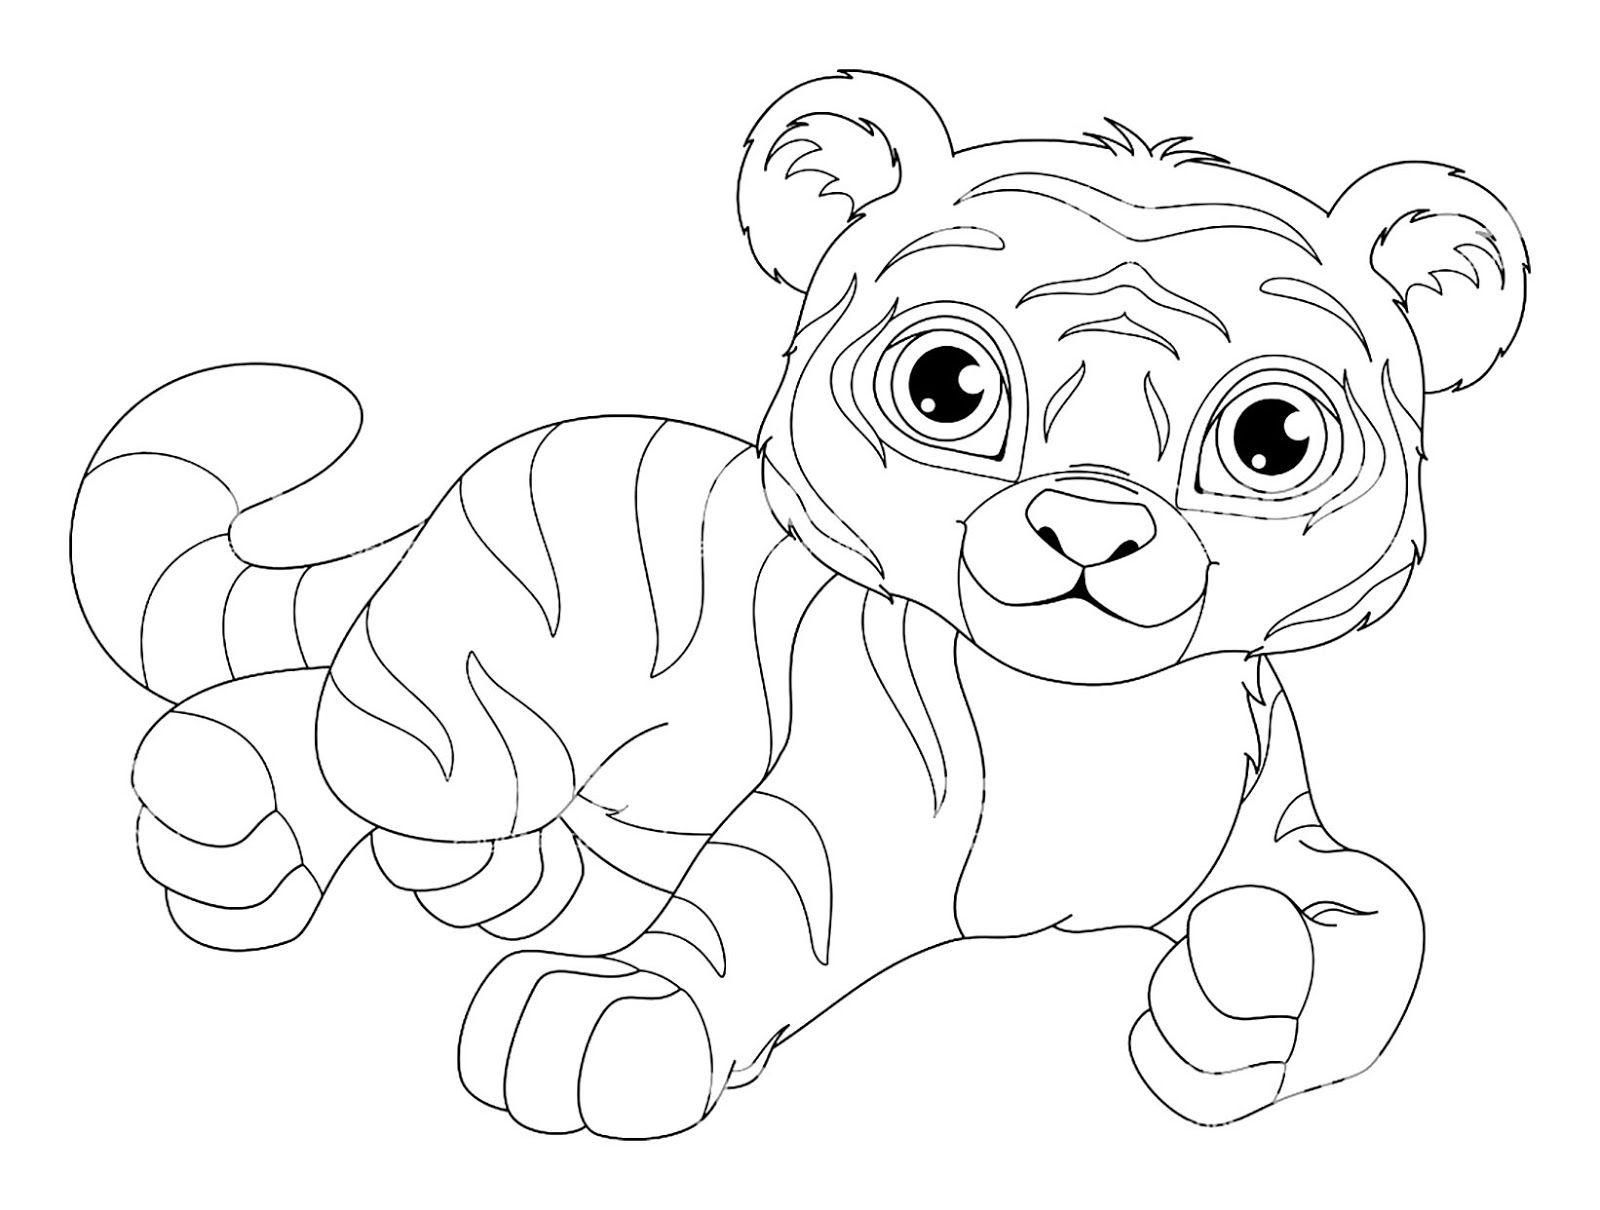 Tranh tô màu con hổ đáng yêu